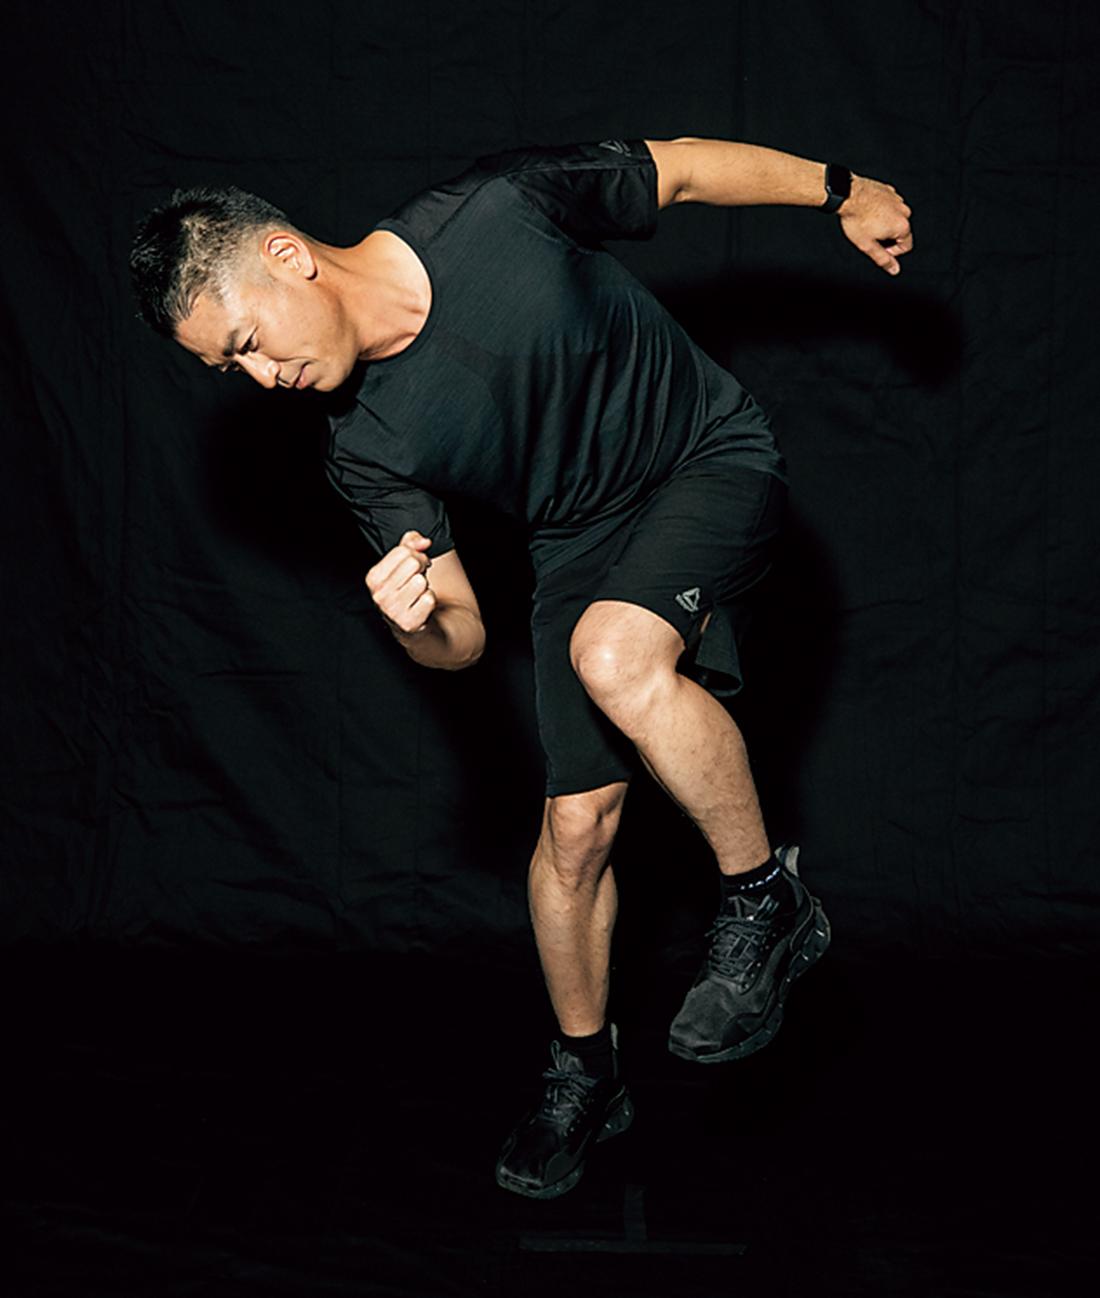 ✕ NG 体幹を意識し、姿勢はまっすぐに。上体が曲がると負荷が不足するので注意を。